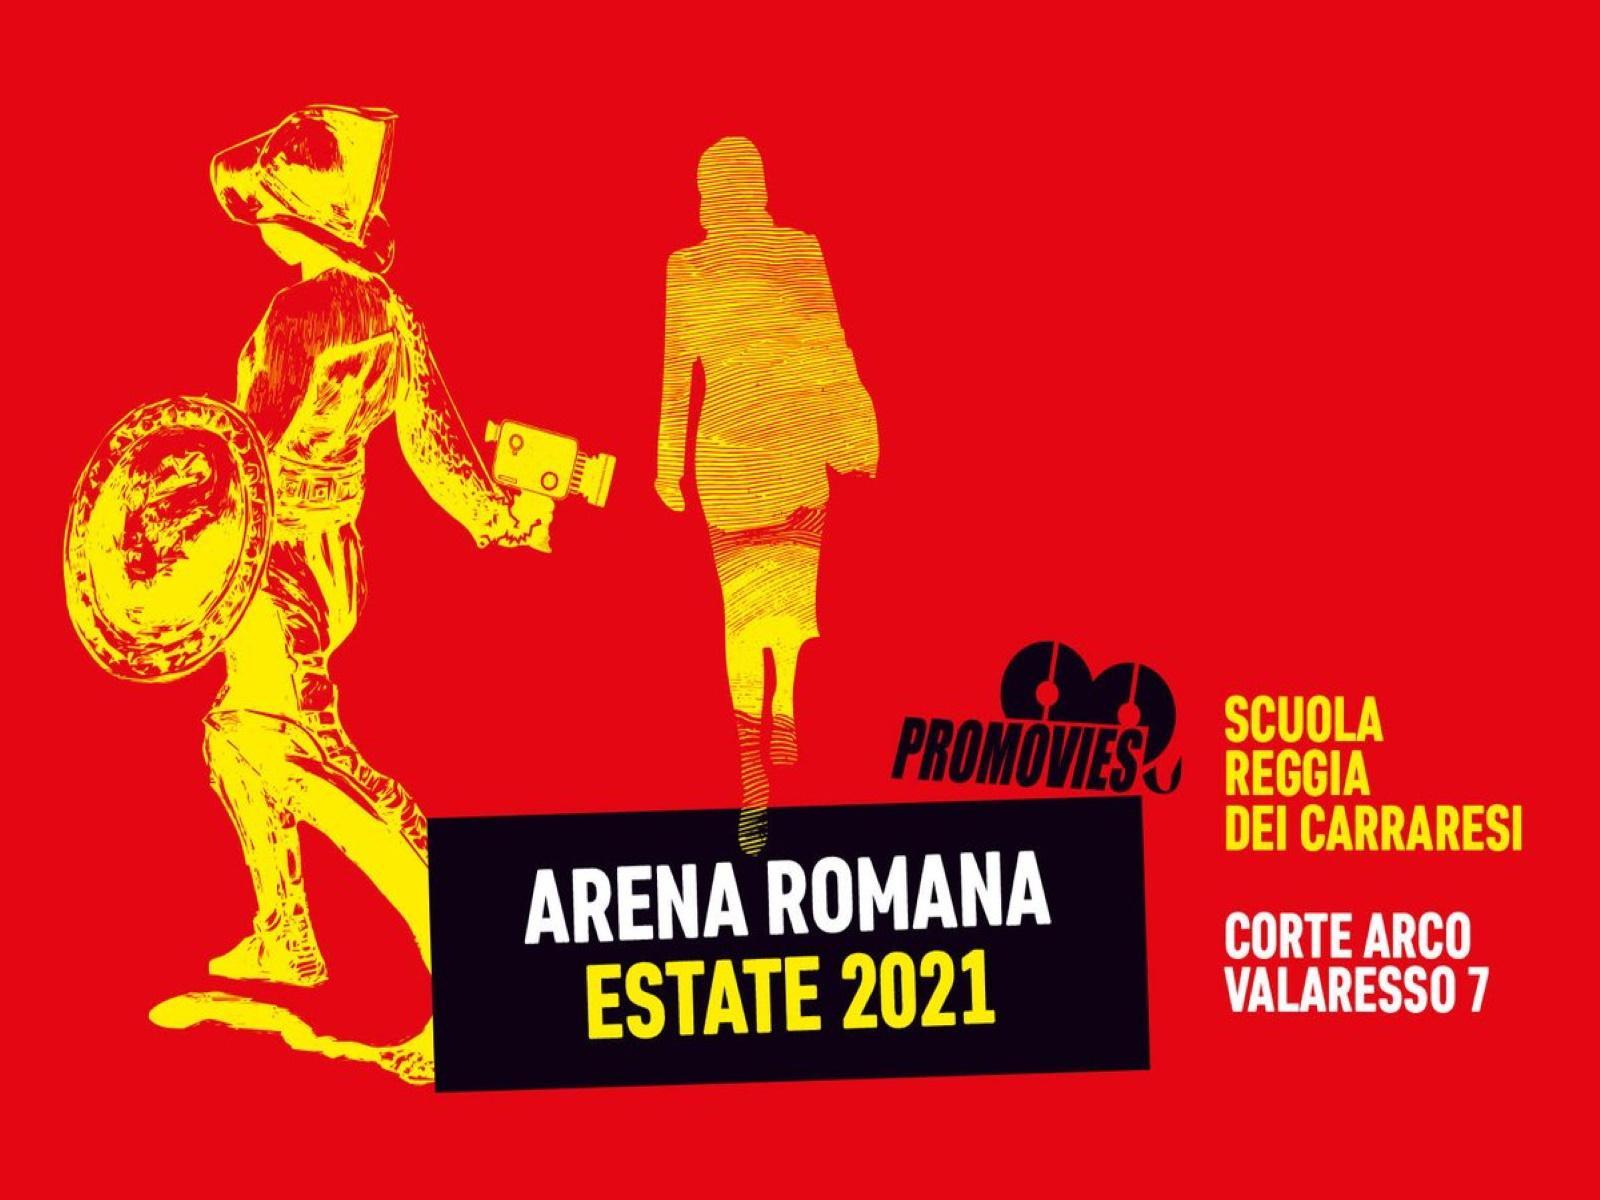 Arena Romana Estate 2021